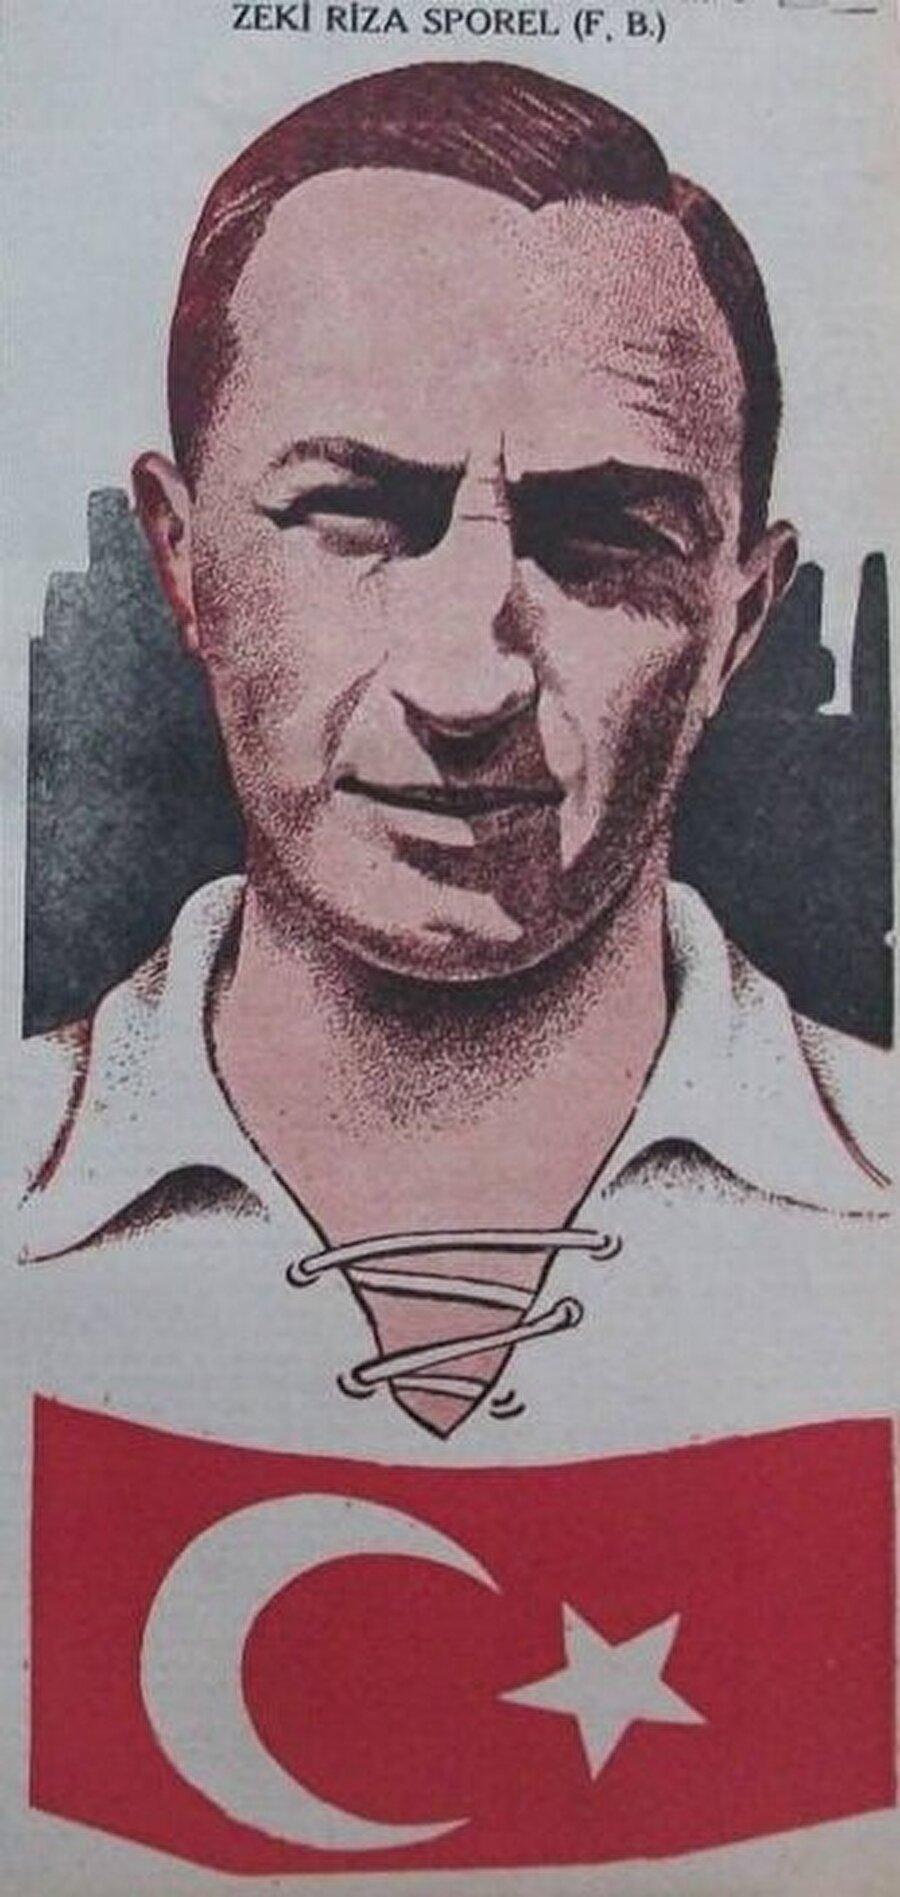 Zeki Rıza, 16 kez de A Milli Takım forması giydi. Söz konusu 16 maçın 10'unda Zeki Rıza kaptanlık pazubandını taktı. Türk Milli Takımının ilk golcüsü olan Zeki Rıza 16 maçta 15 kez fileleri havalandırdı.